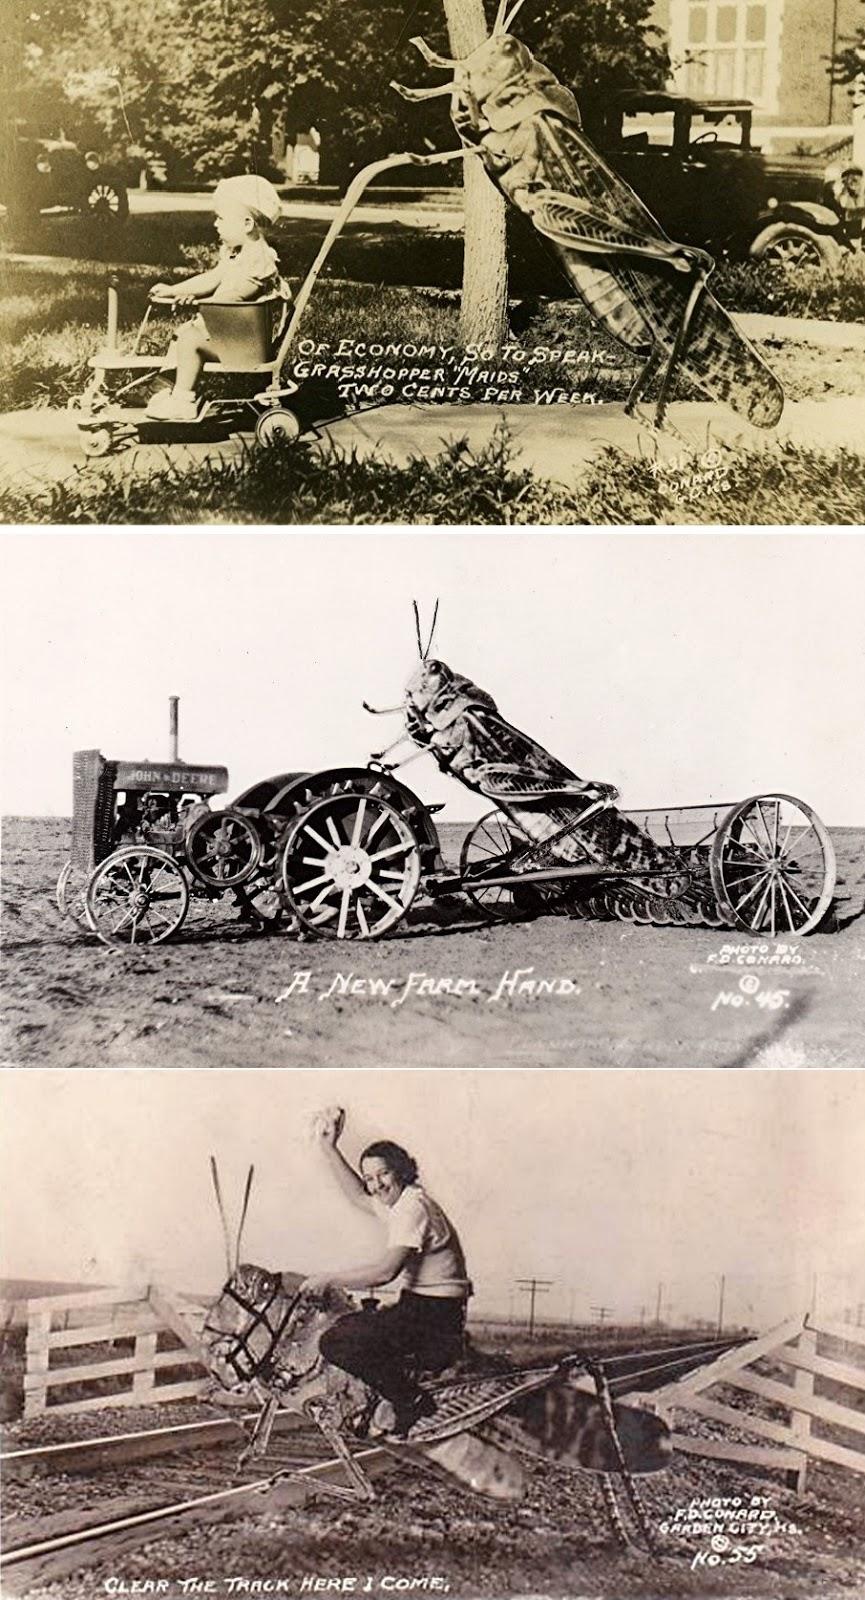 ShukerNature: THE GIANT GRASSHOPPER OF WISCONSIN ...